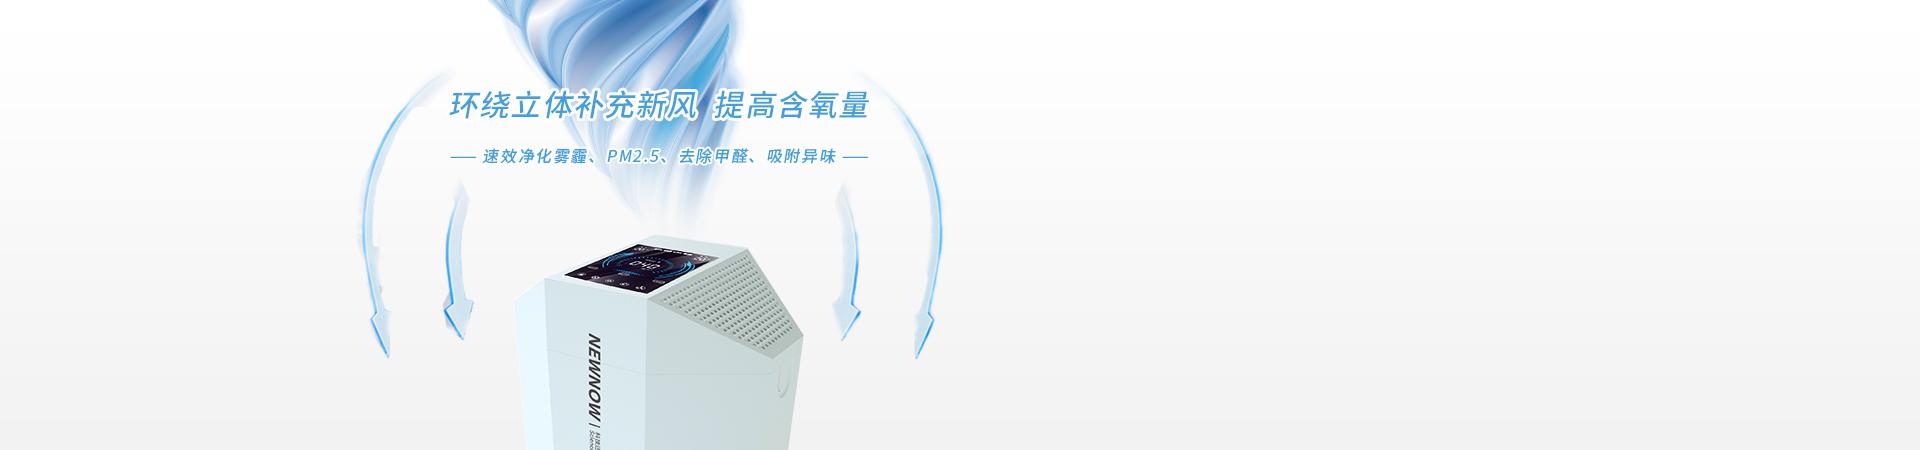 网站---新卫士_10.jpg